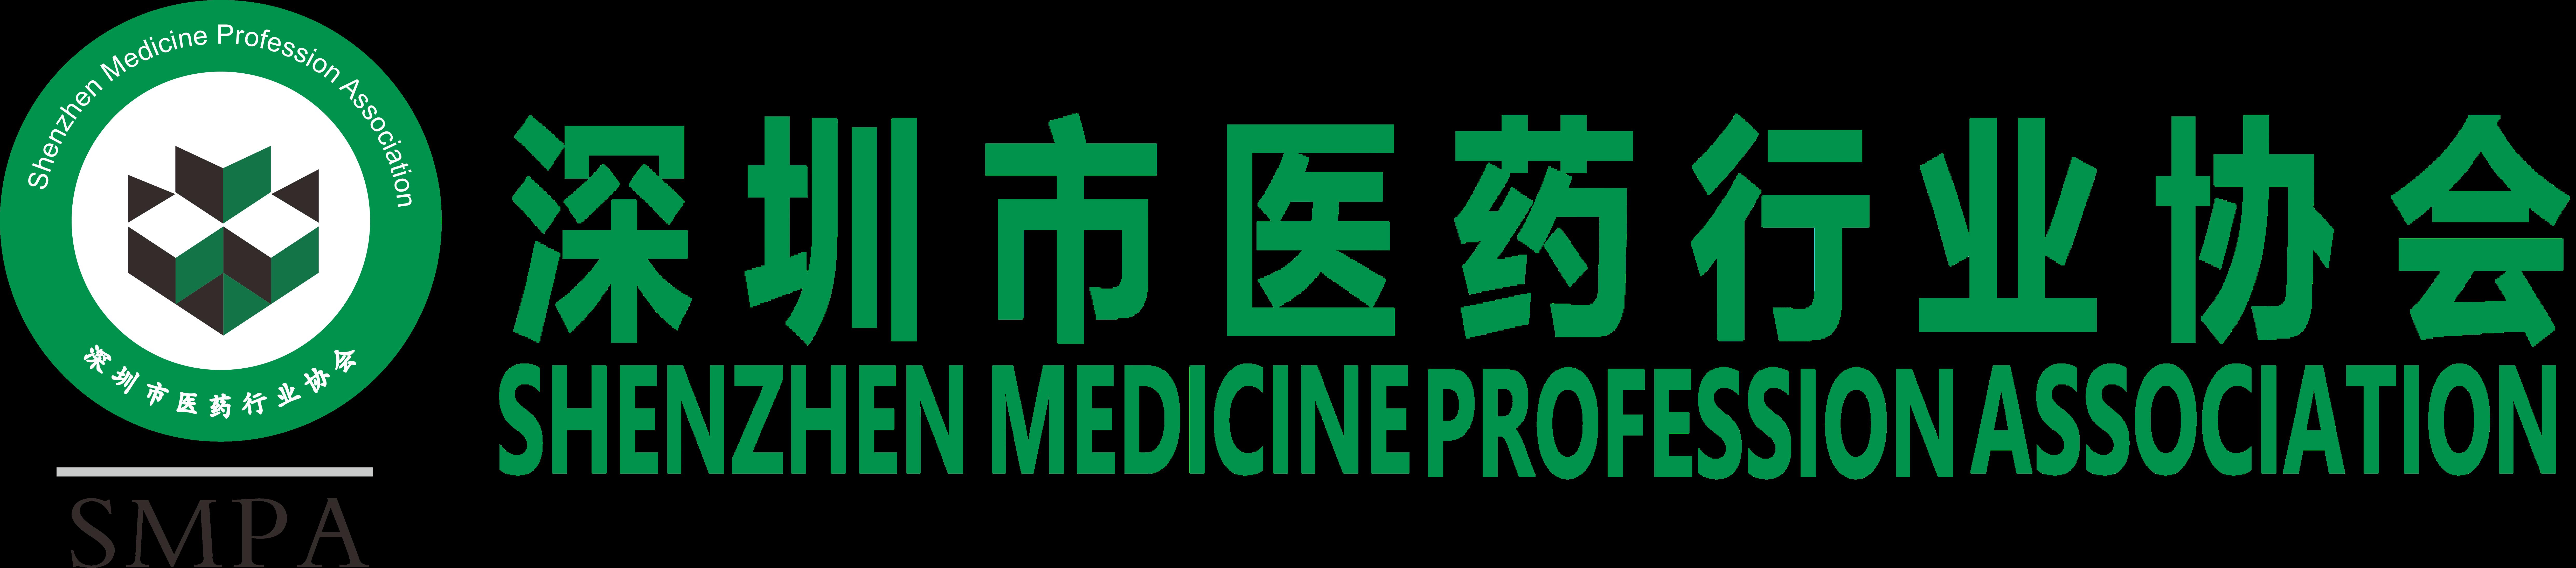 深圳市医药行业协会